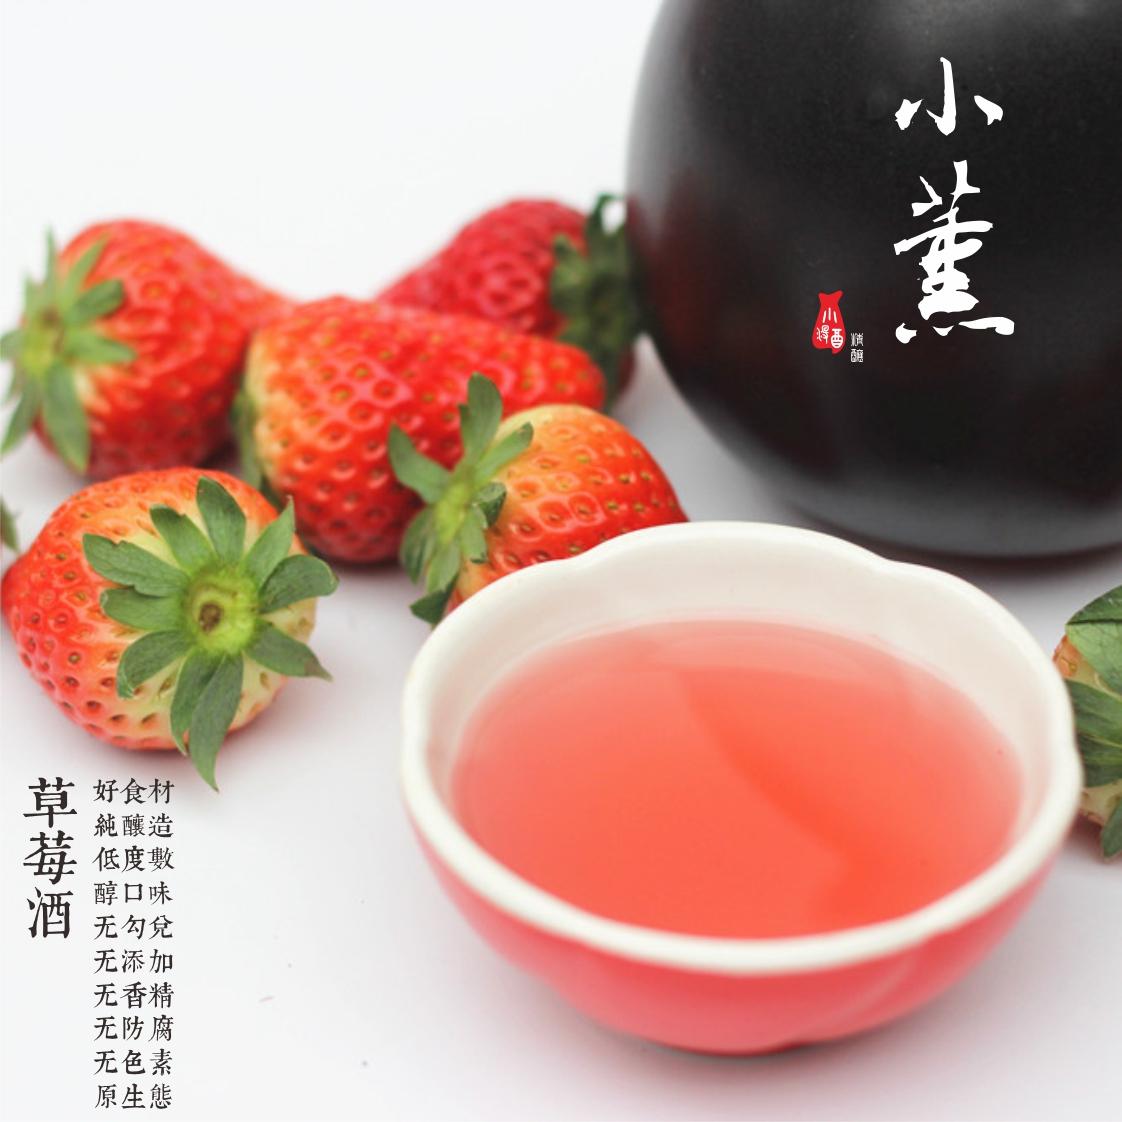 小薰/草莓酒12度500ml黄氏果酒高颜值酒微甜女生酒表白酒少女心酒